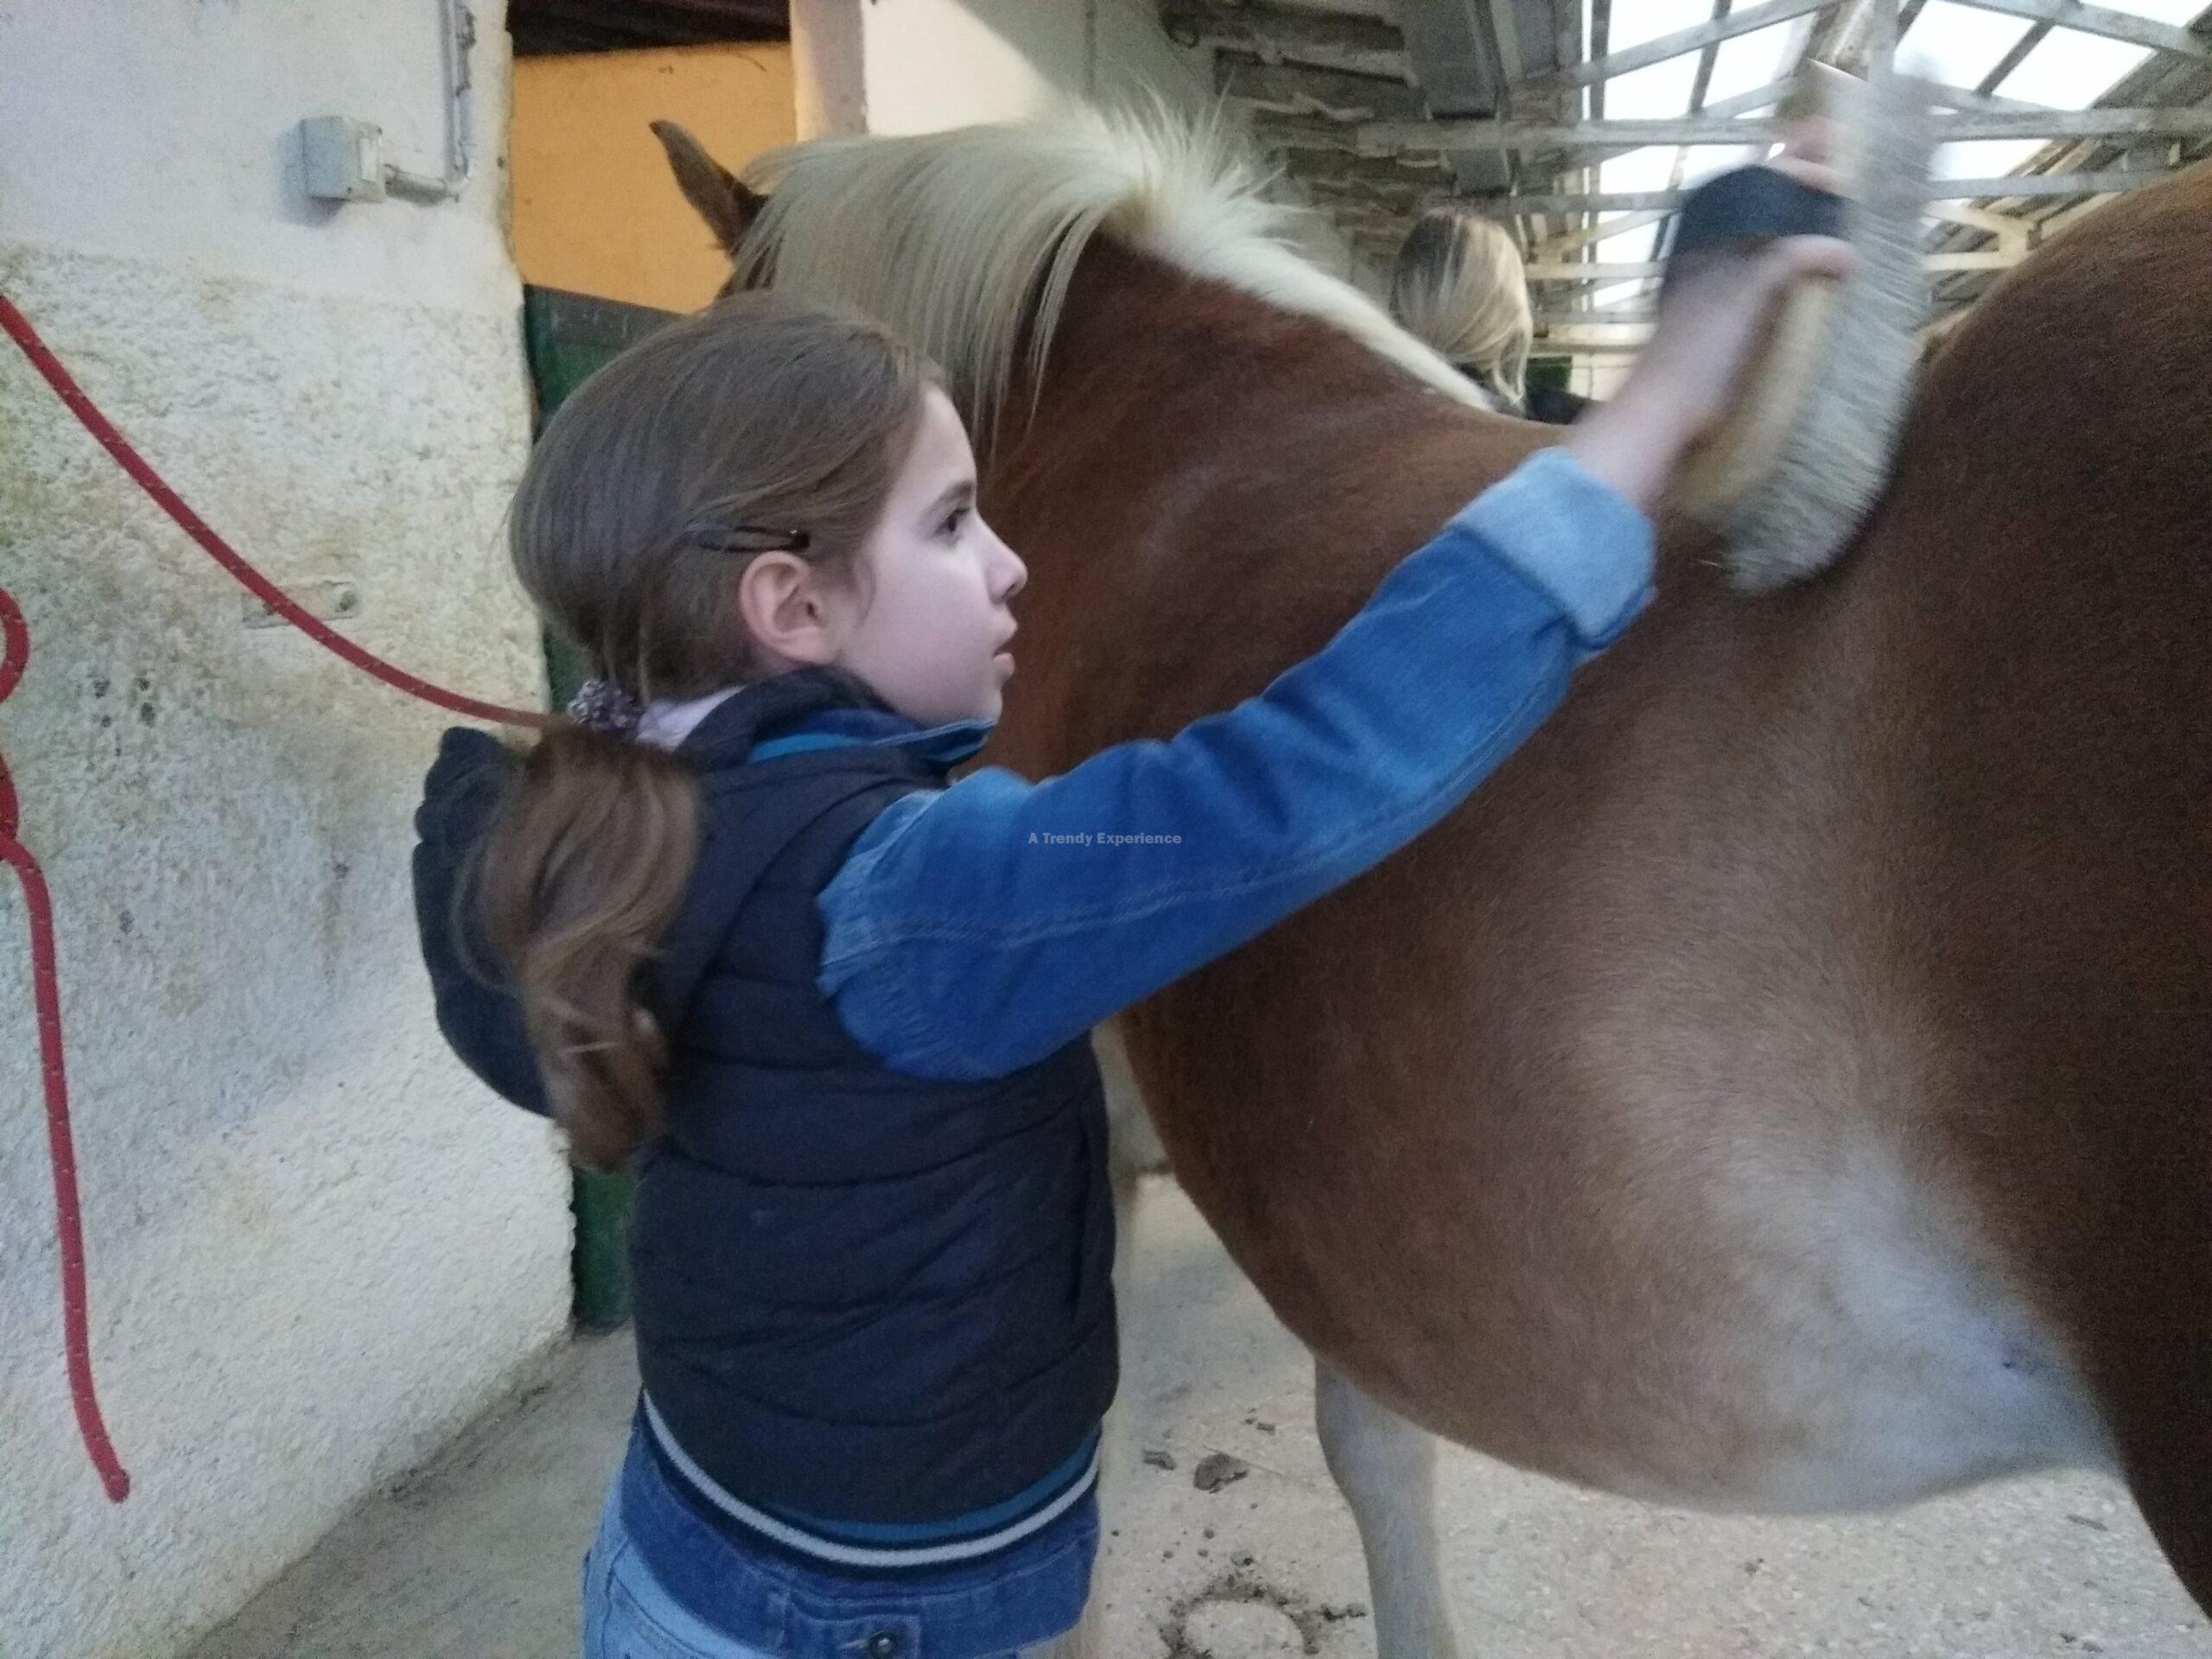 equitazione per bambini manutenzione cavallo